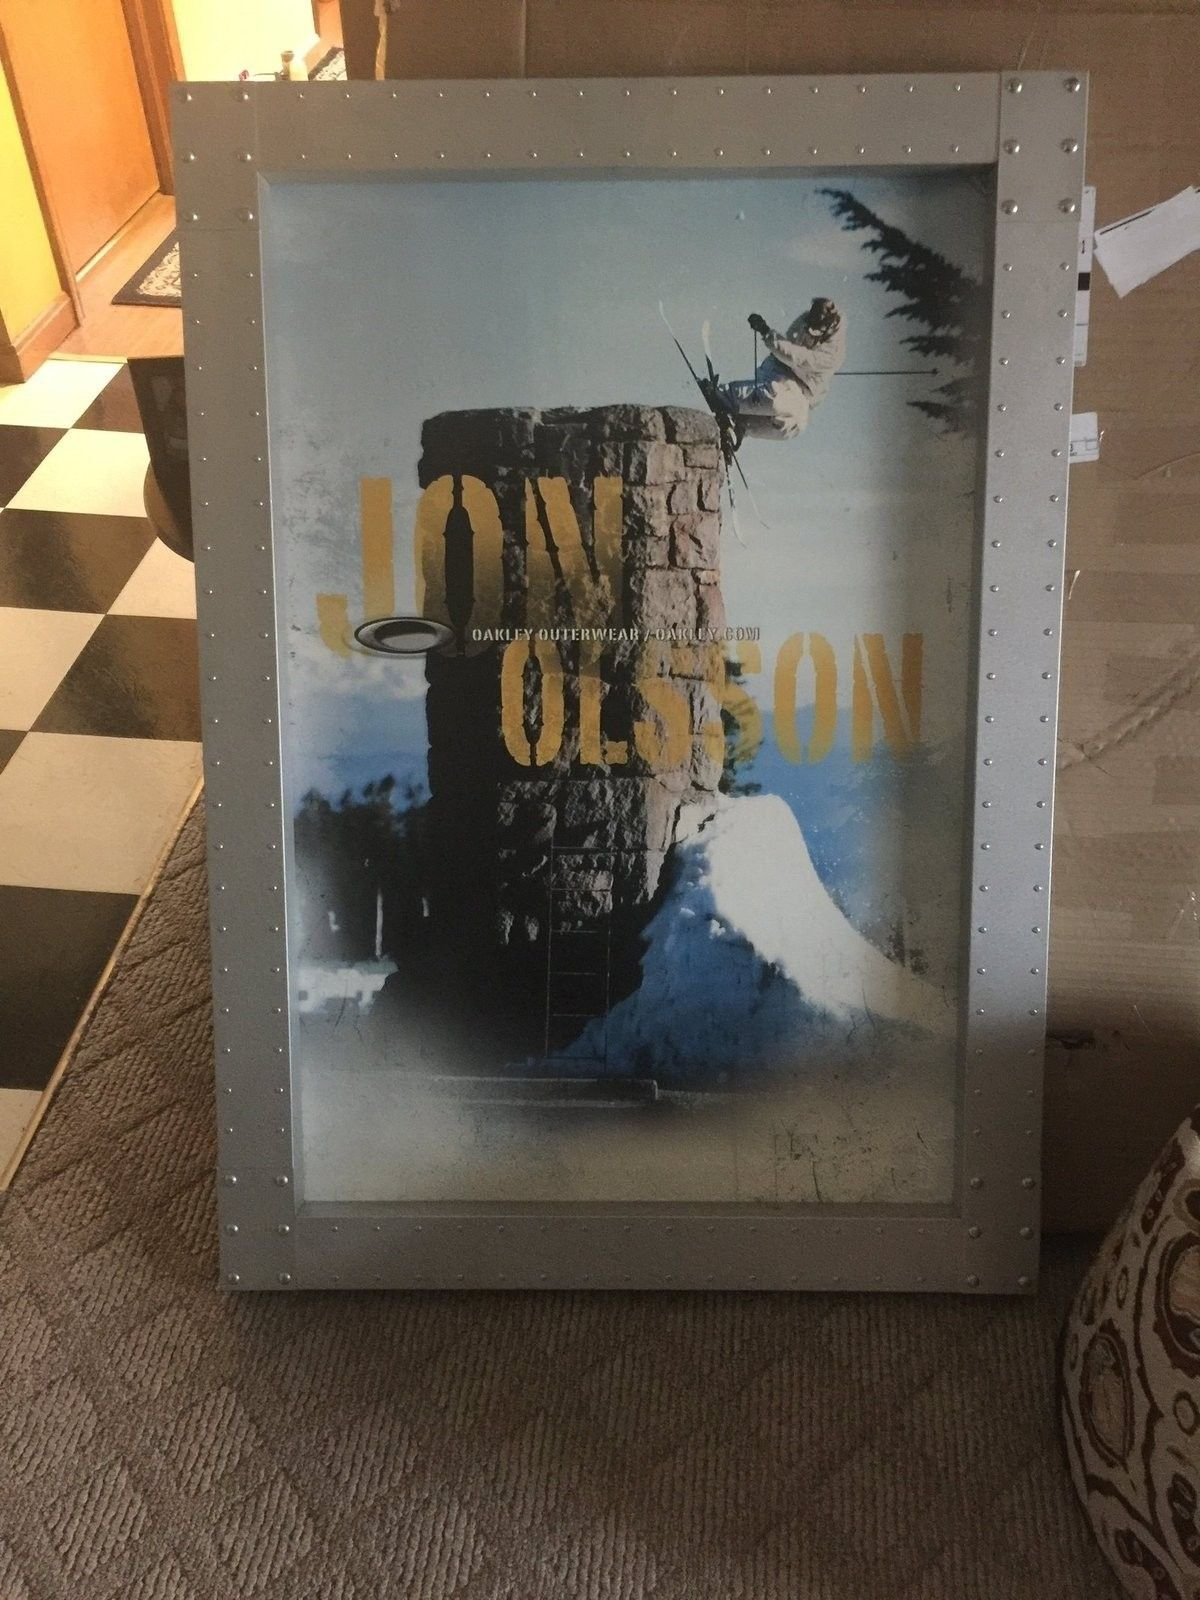 The huge Oakley frame.. THANKS! - image.jpeg